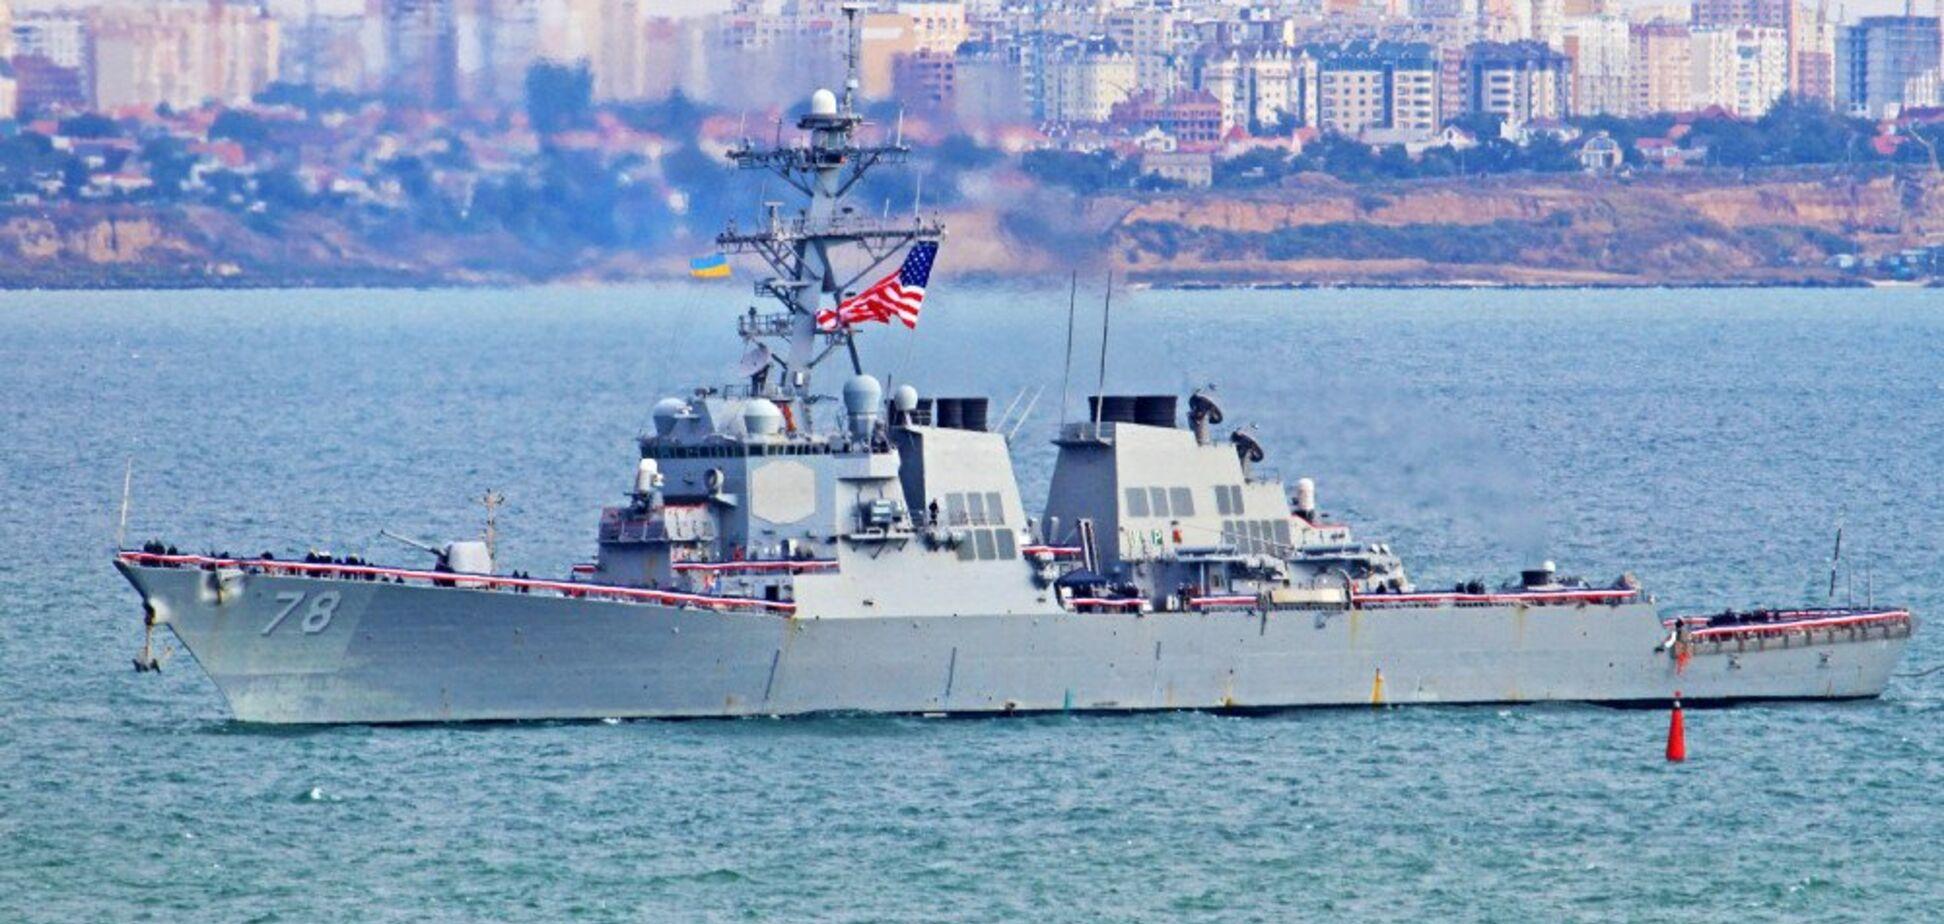 Есмінець США увірвався в Чорне море для військової операції. Фото